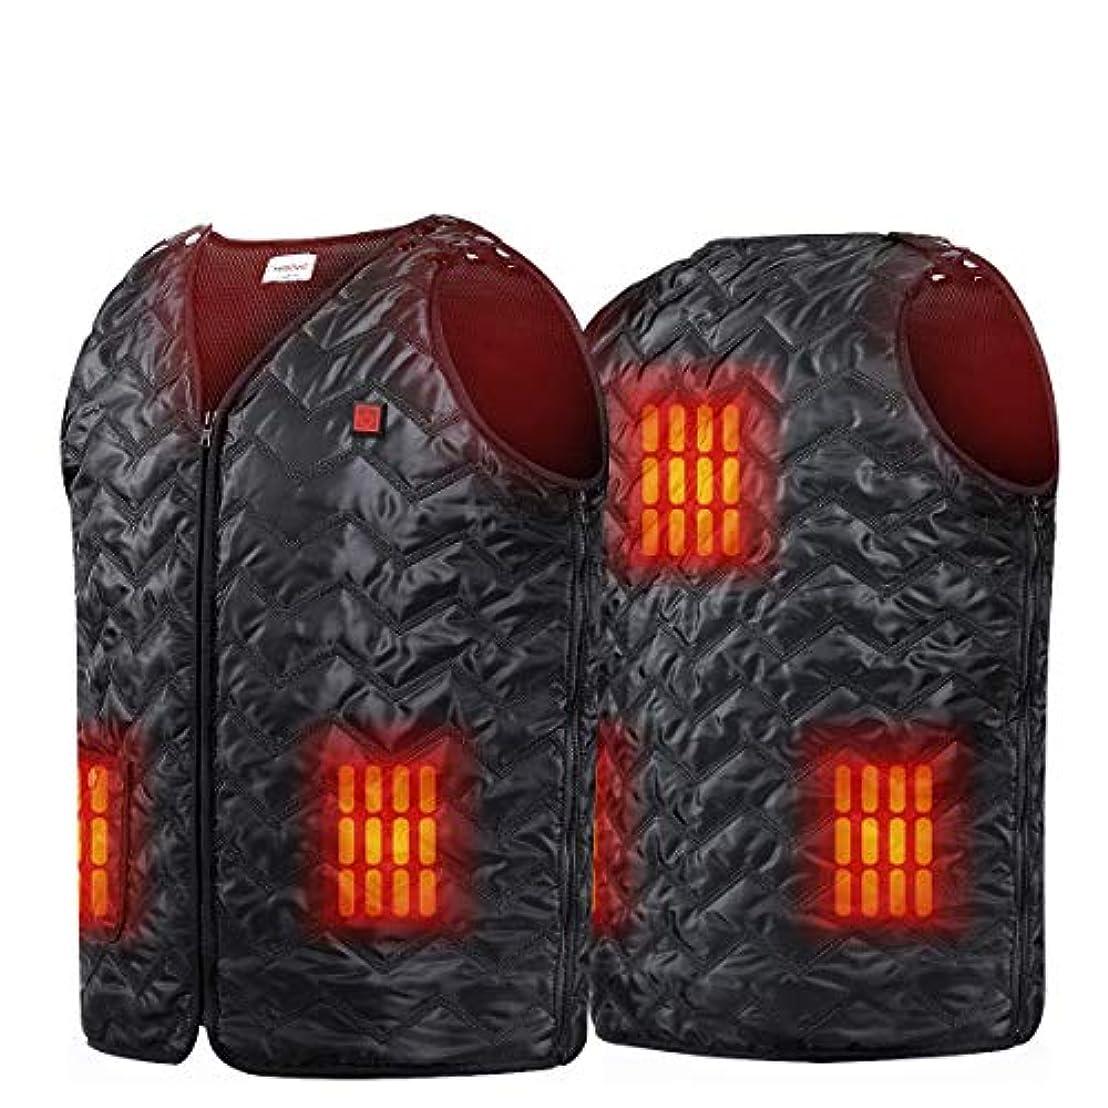 アブストラクト統治可能トンネルNiubalac 温水ベスト バイク用 ハイキング 狩猟 釣り スキー用 5パネル加熱服サイズ調節可能なウォッシャブル軽量鎮痛剤を充電USB アウトドアアクティビティは男性女性ユニセックス 適合します Lサイズ ブラック